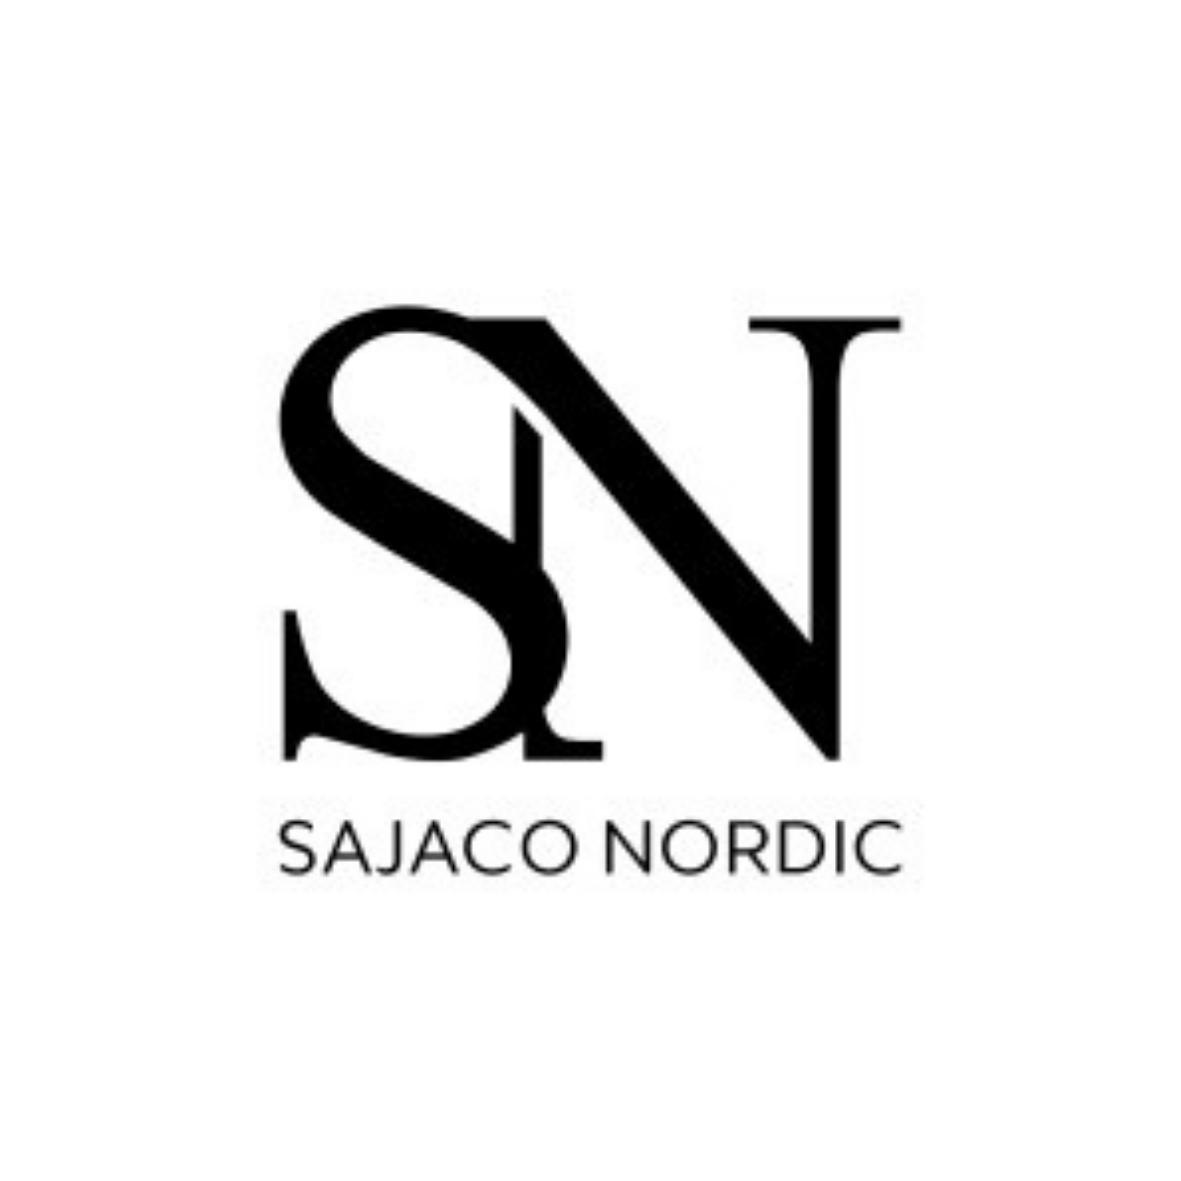 Sajaco Nordic